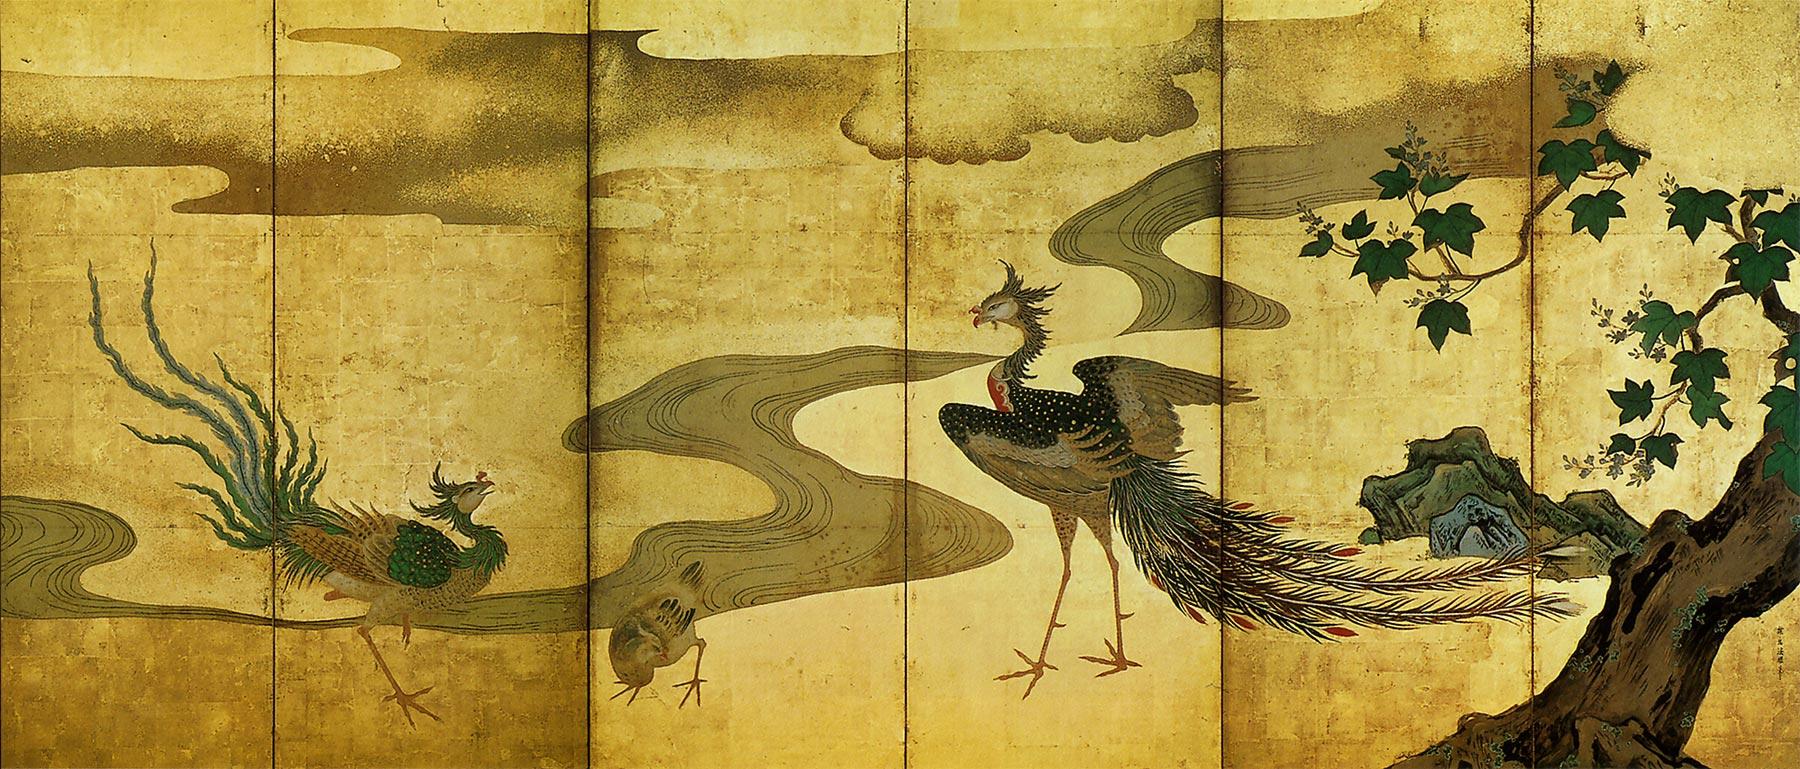 Кано Танъю Моринобу (1602-1674)0_7863e_2373db83_orig.jpeg